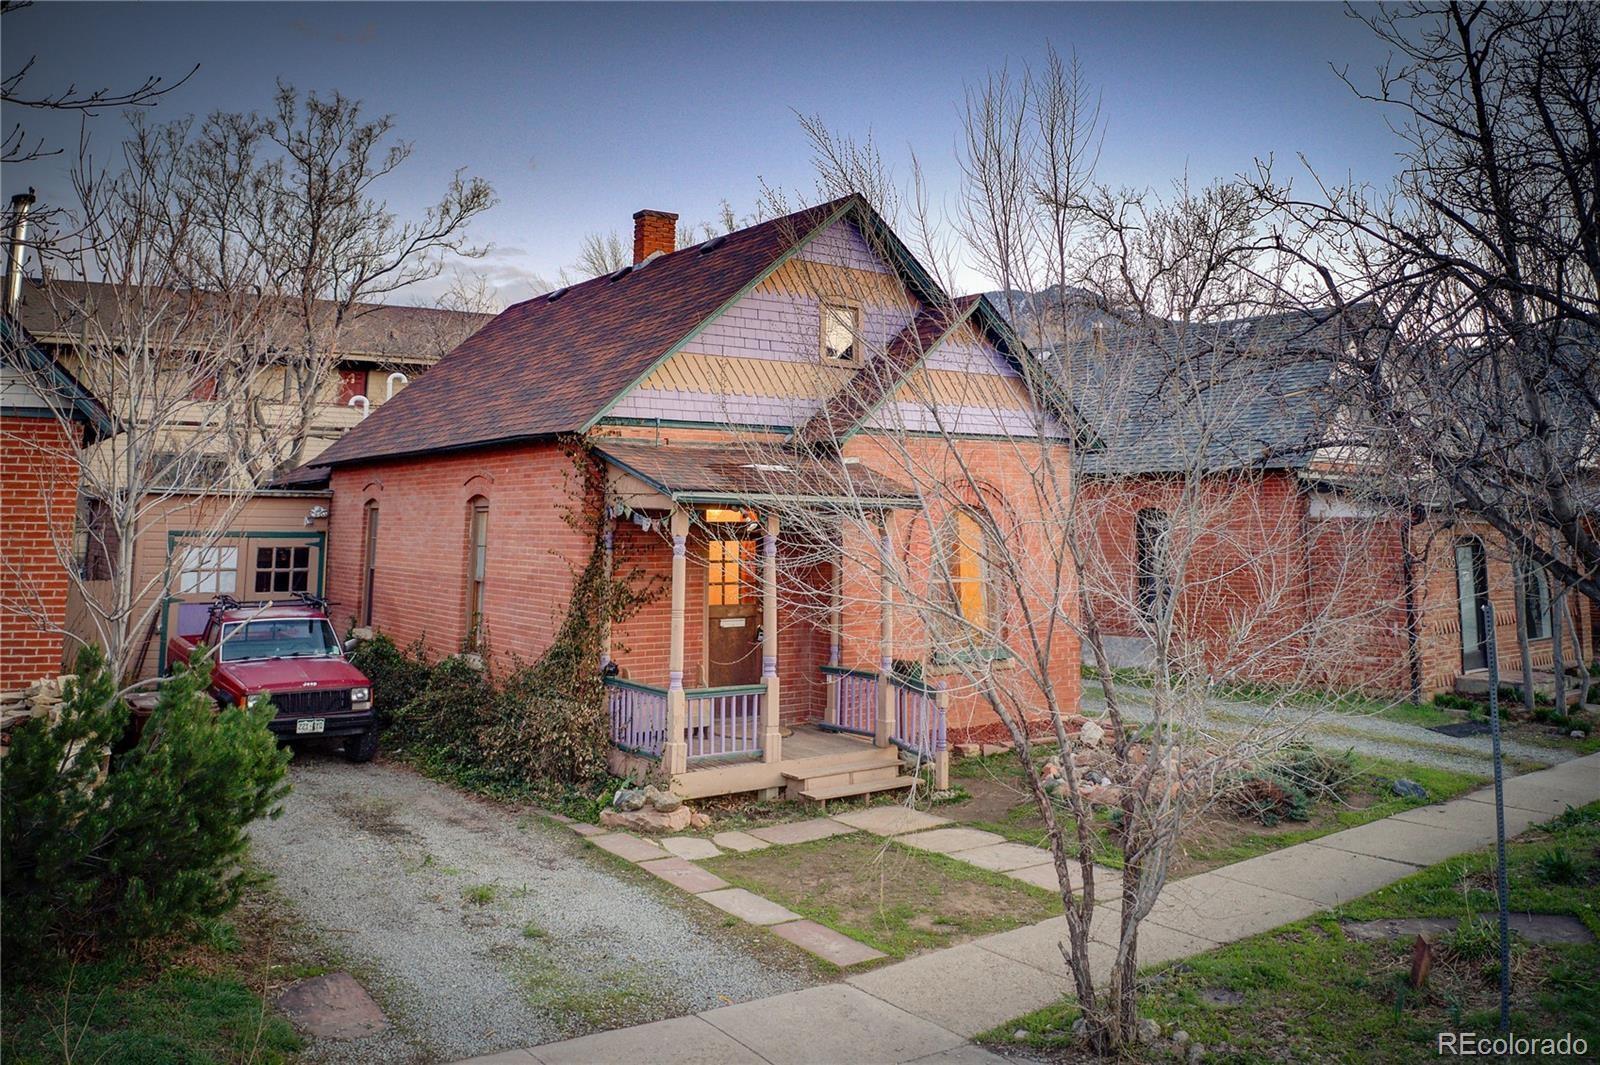 MLS# 4644678 - 1 - 1714 Walnut Street, Boulder, CO 80302